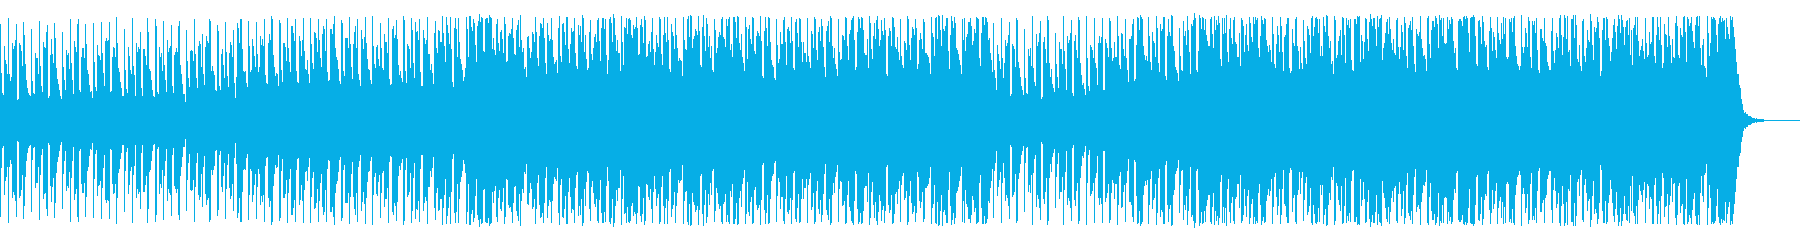 希望に向かって走り出すBGMの再生済みの波形